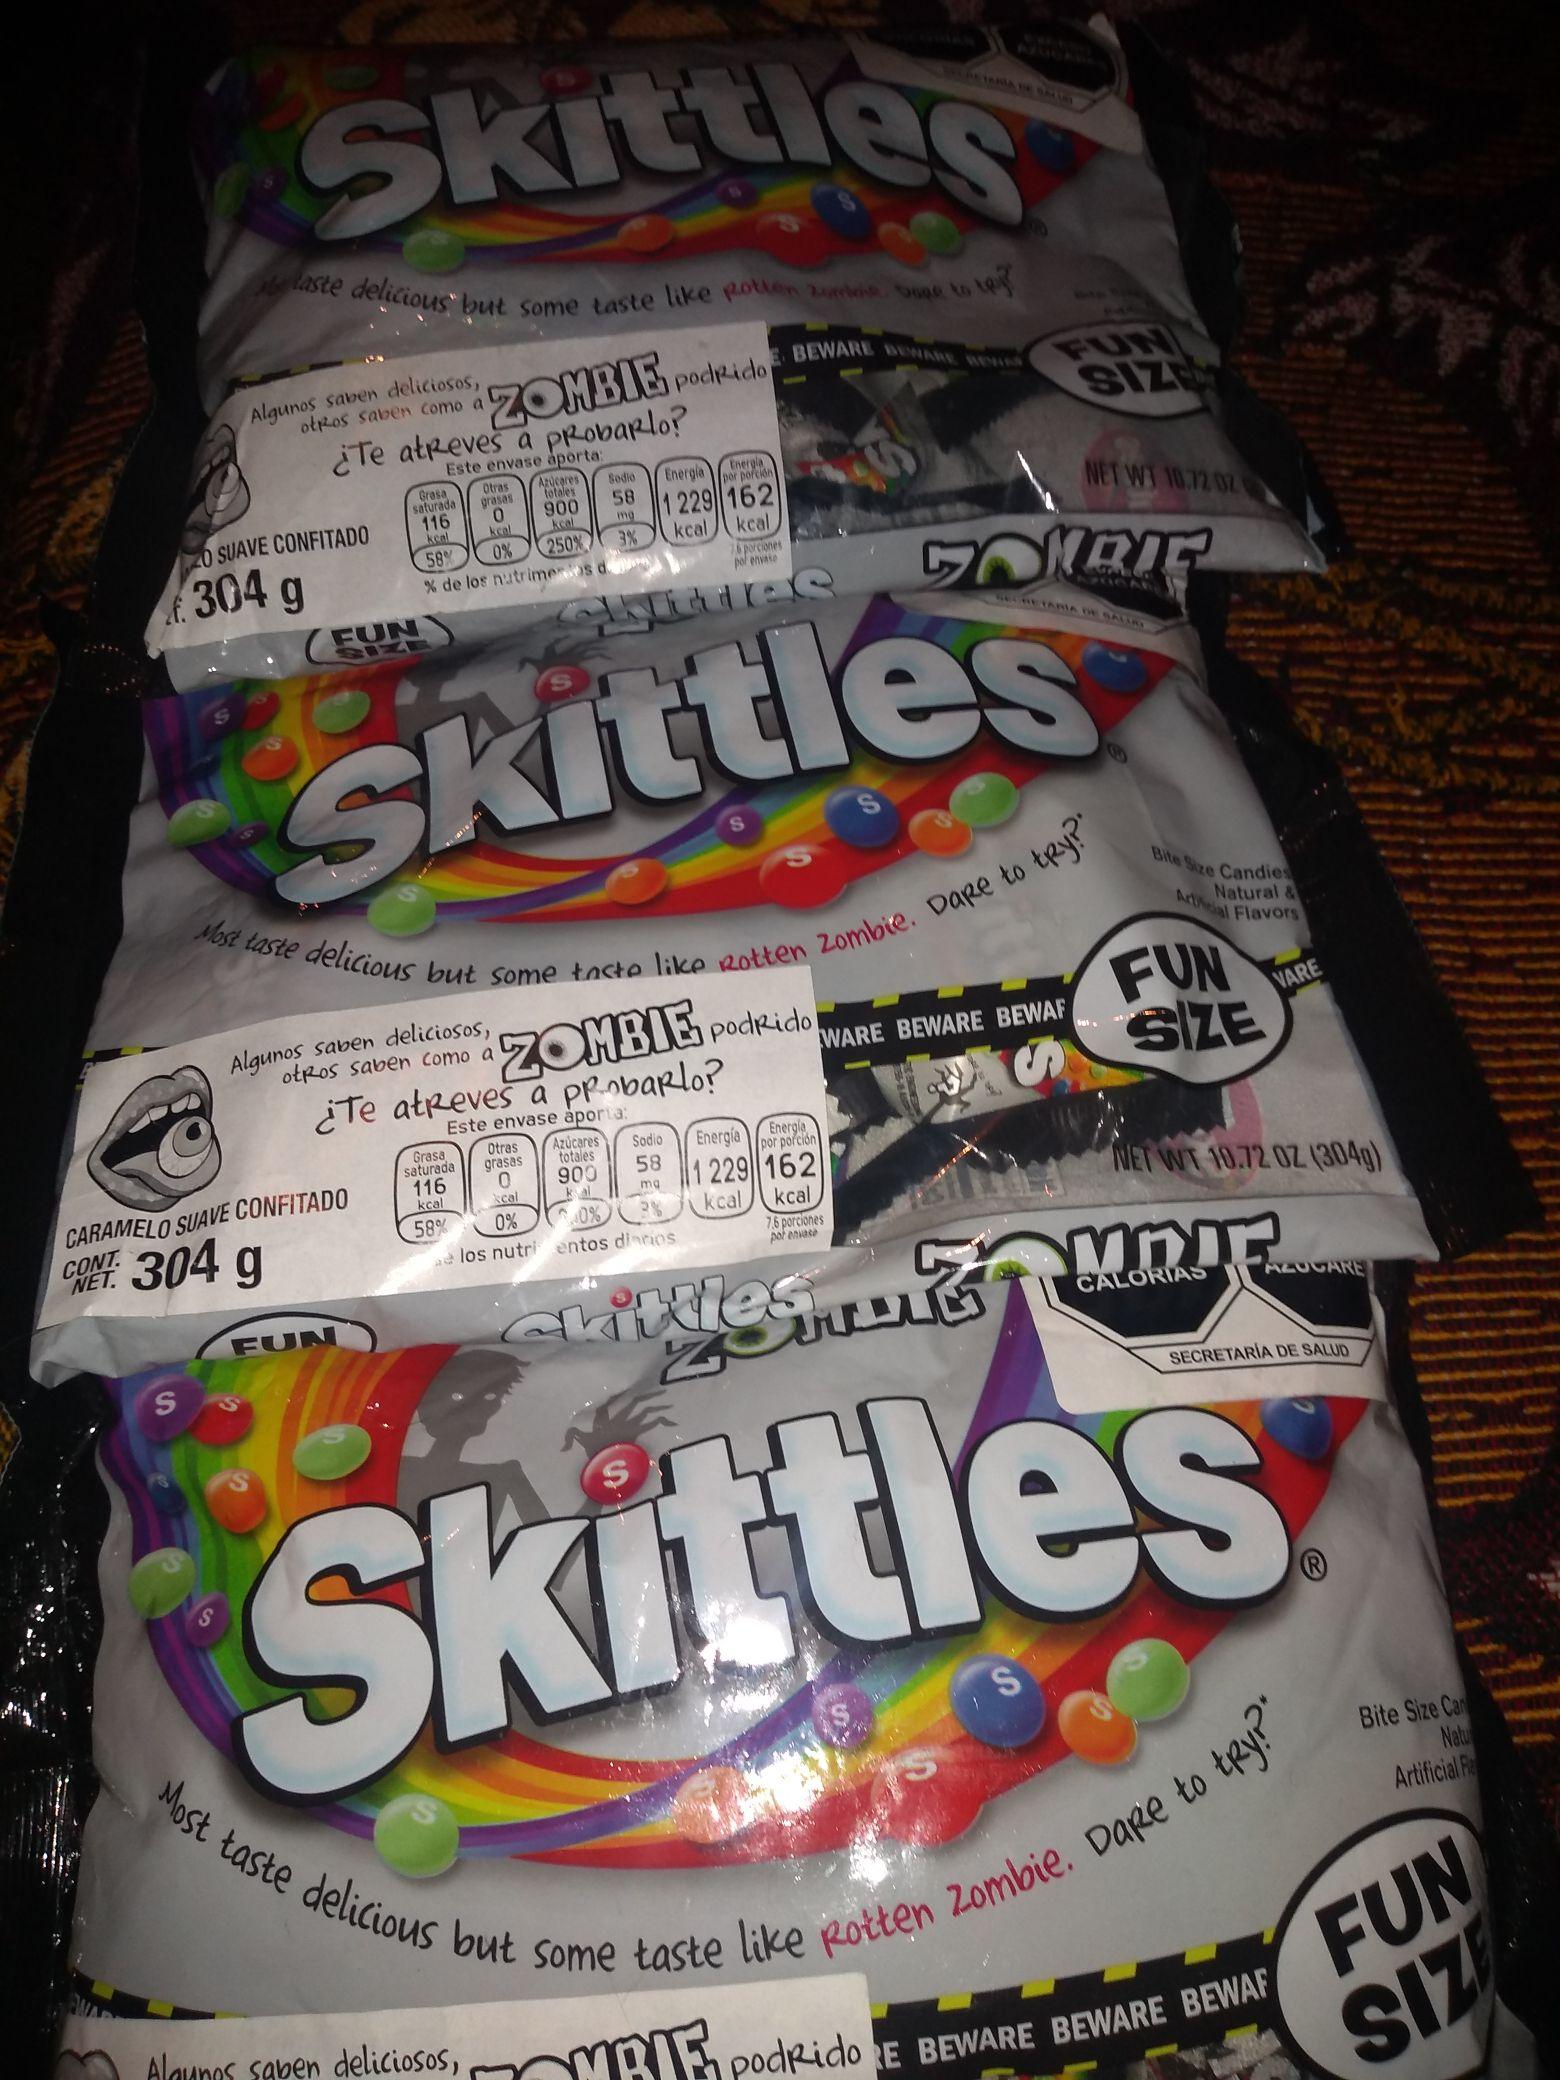 Walmart perinorte dulces skittles y paleta de sombras Maybelline